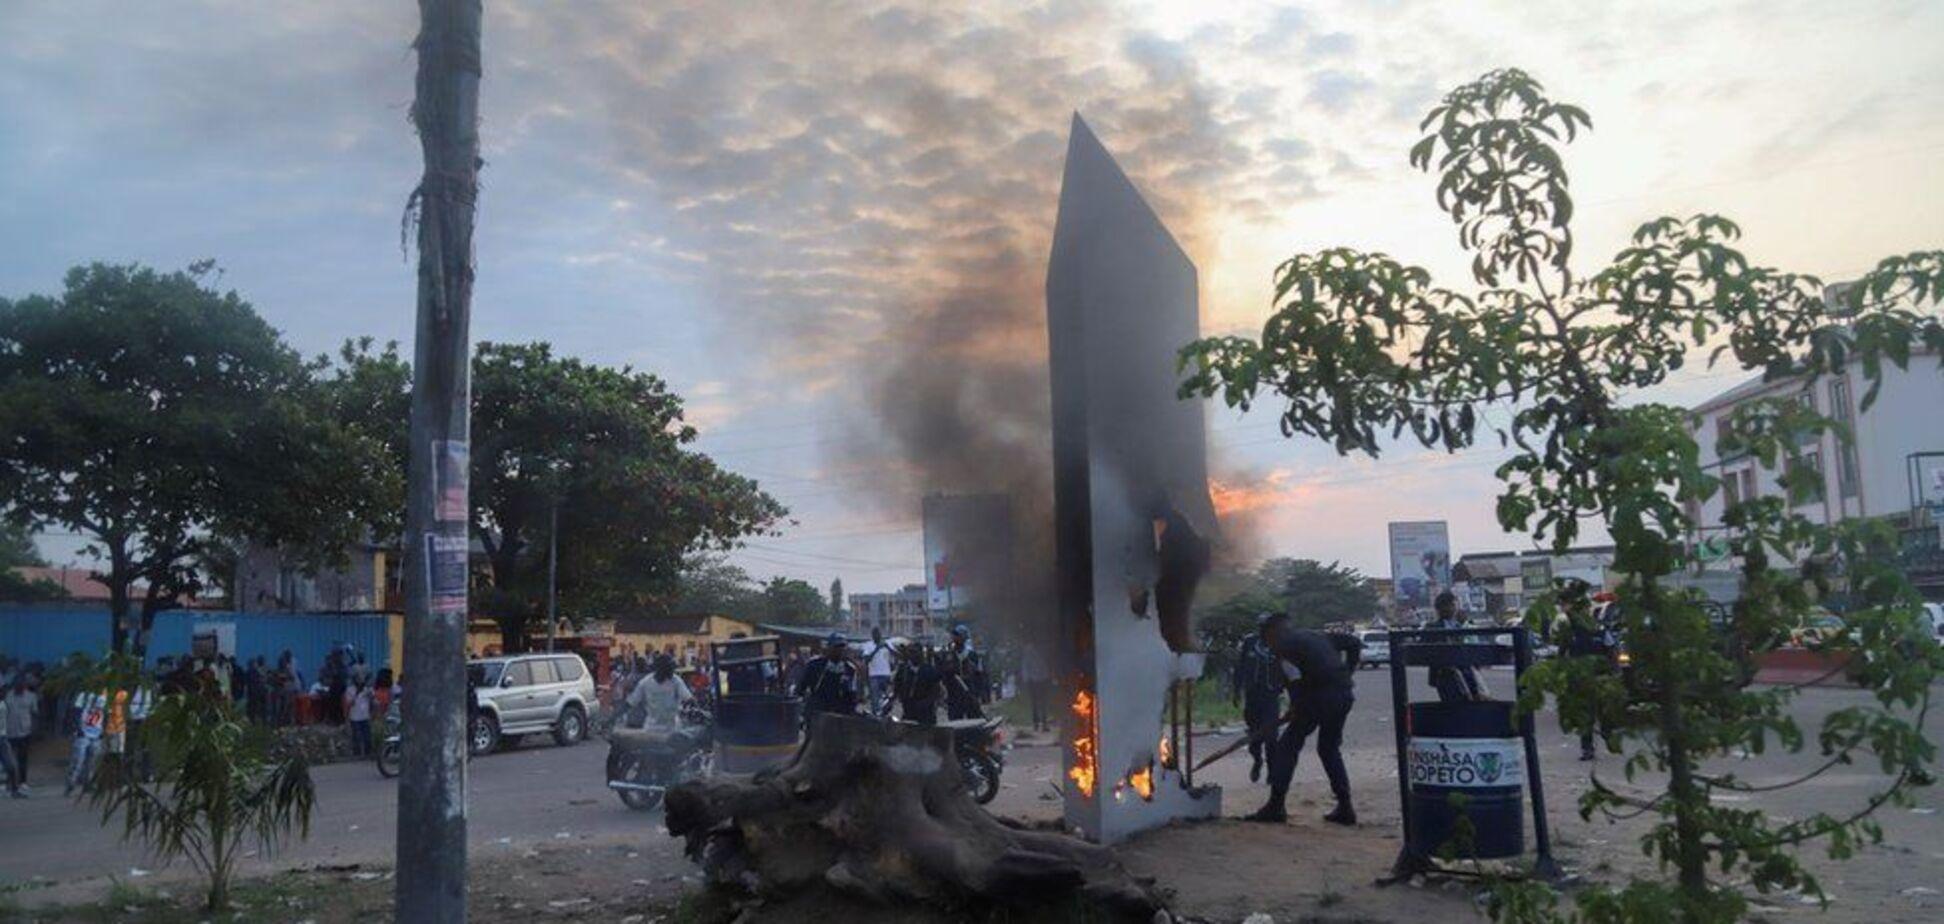 У Конго люди знищили загадковий моноліт через страх перед масонами і сатаною. Фото